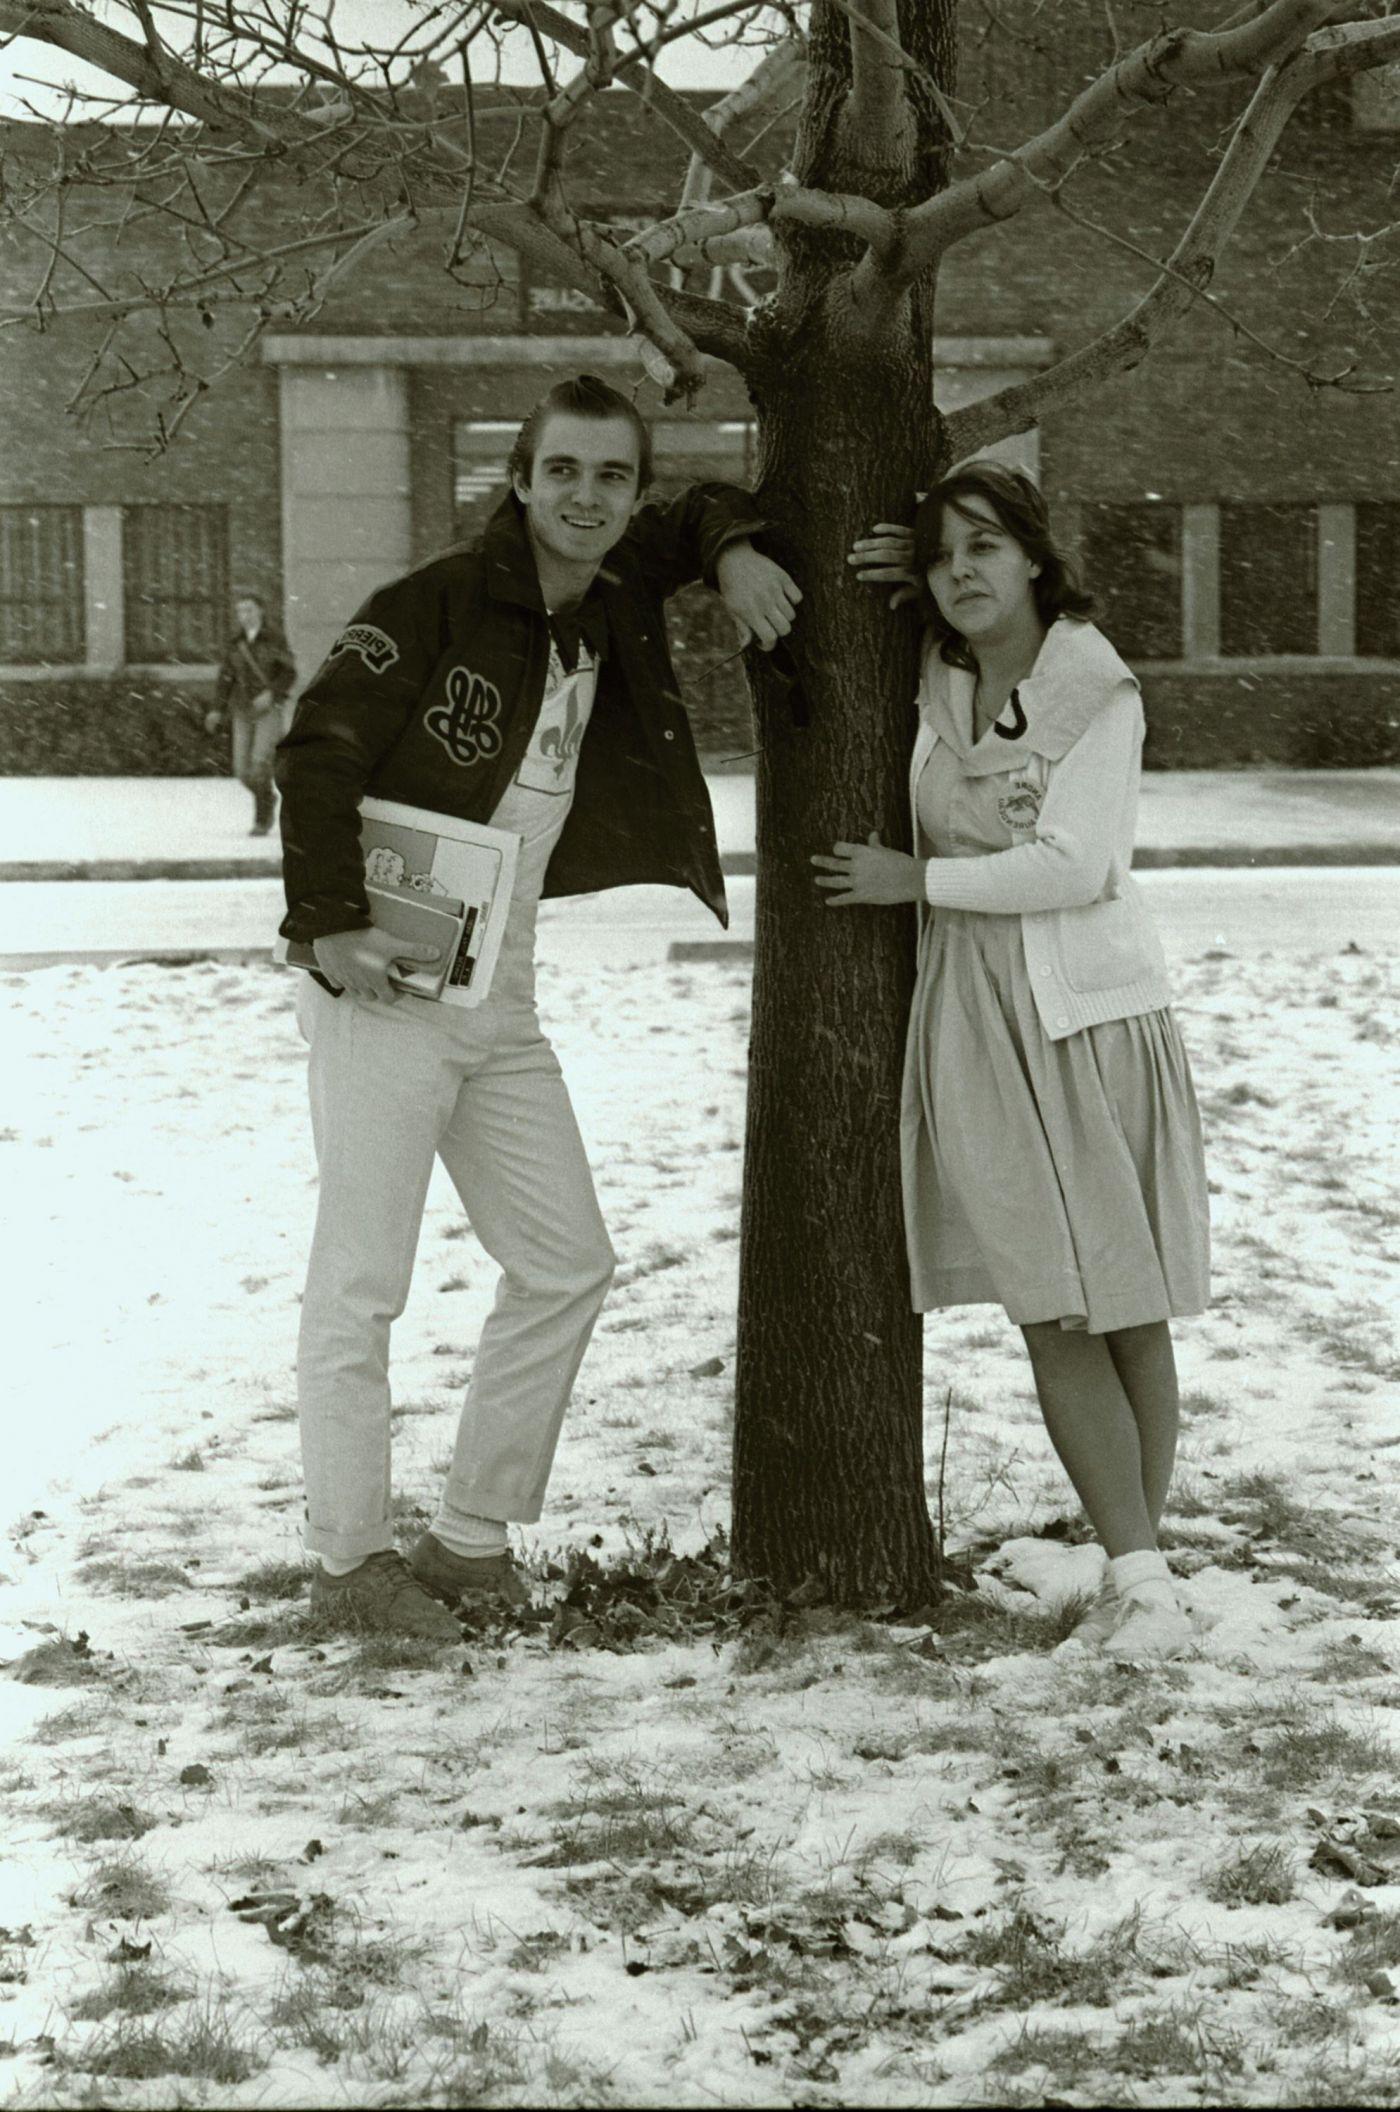 Photographie en noir et blanc d'un adolescent et d'une adolescente, dehors devant un édifice en brique. Ils s'appuient de façon décontractée contre un arbre en hiver. Il porte une veste en cuir et une chemise arborant une fleur de lys, tandis qu'elle porte une robe avec un grand col et une veste blanche.